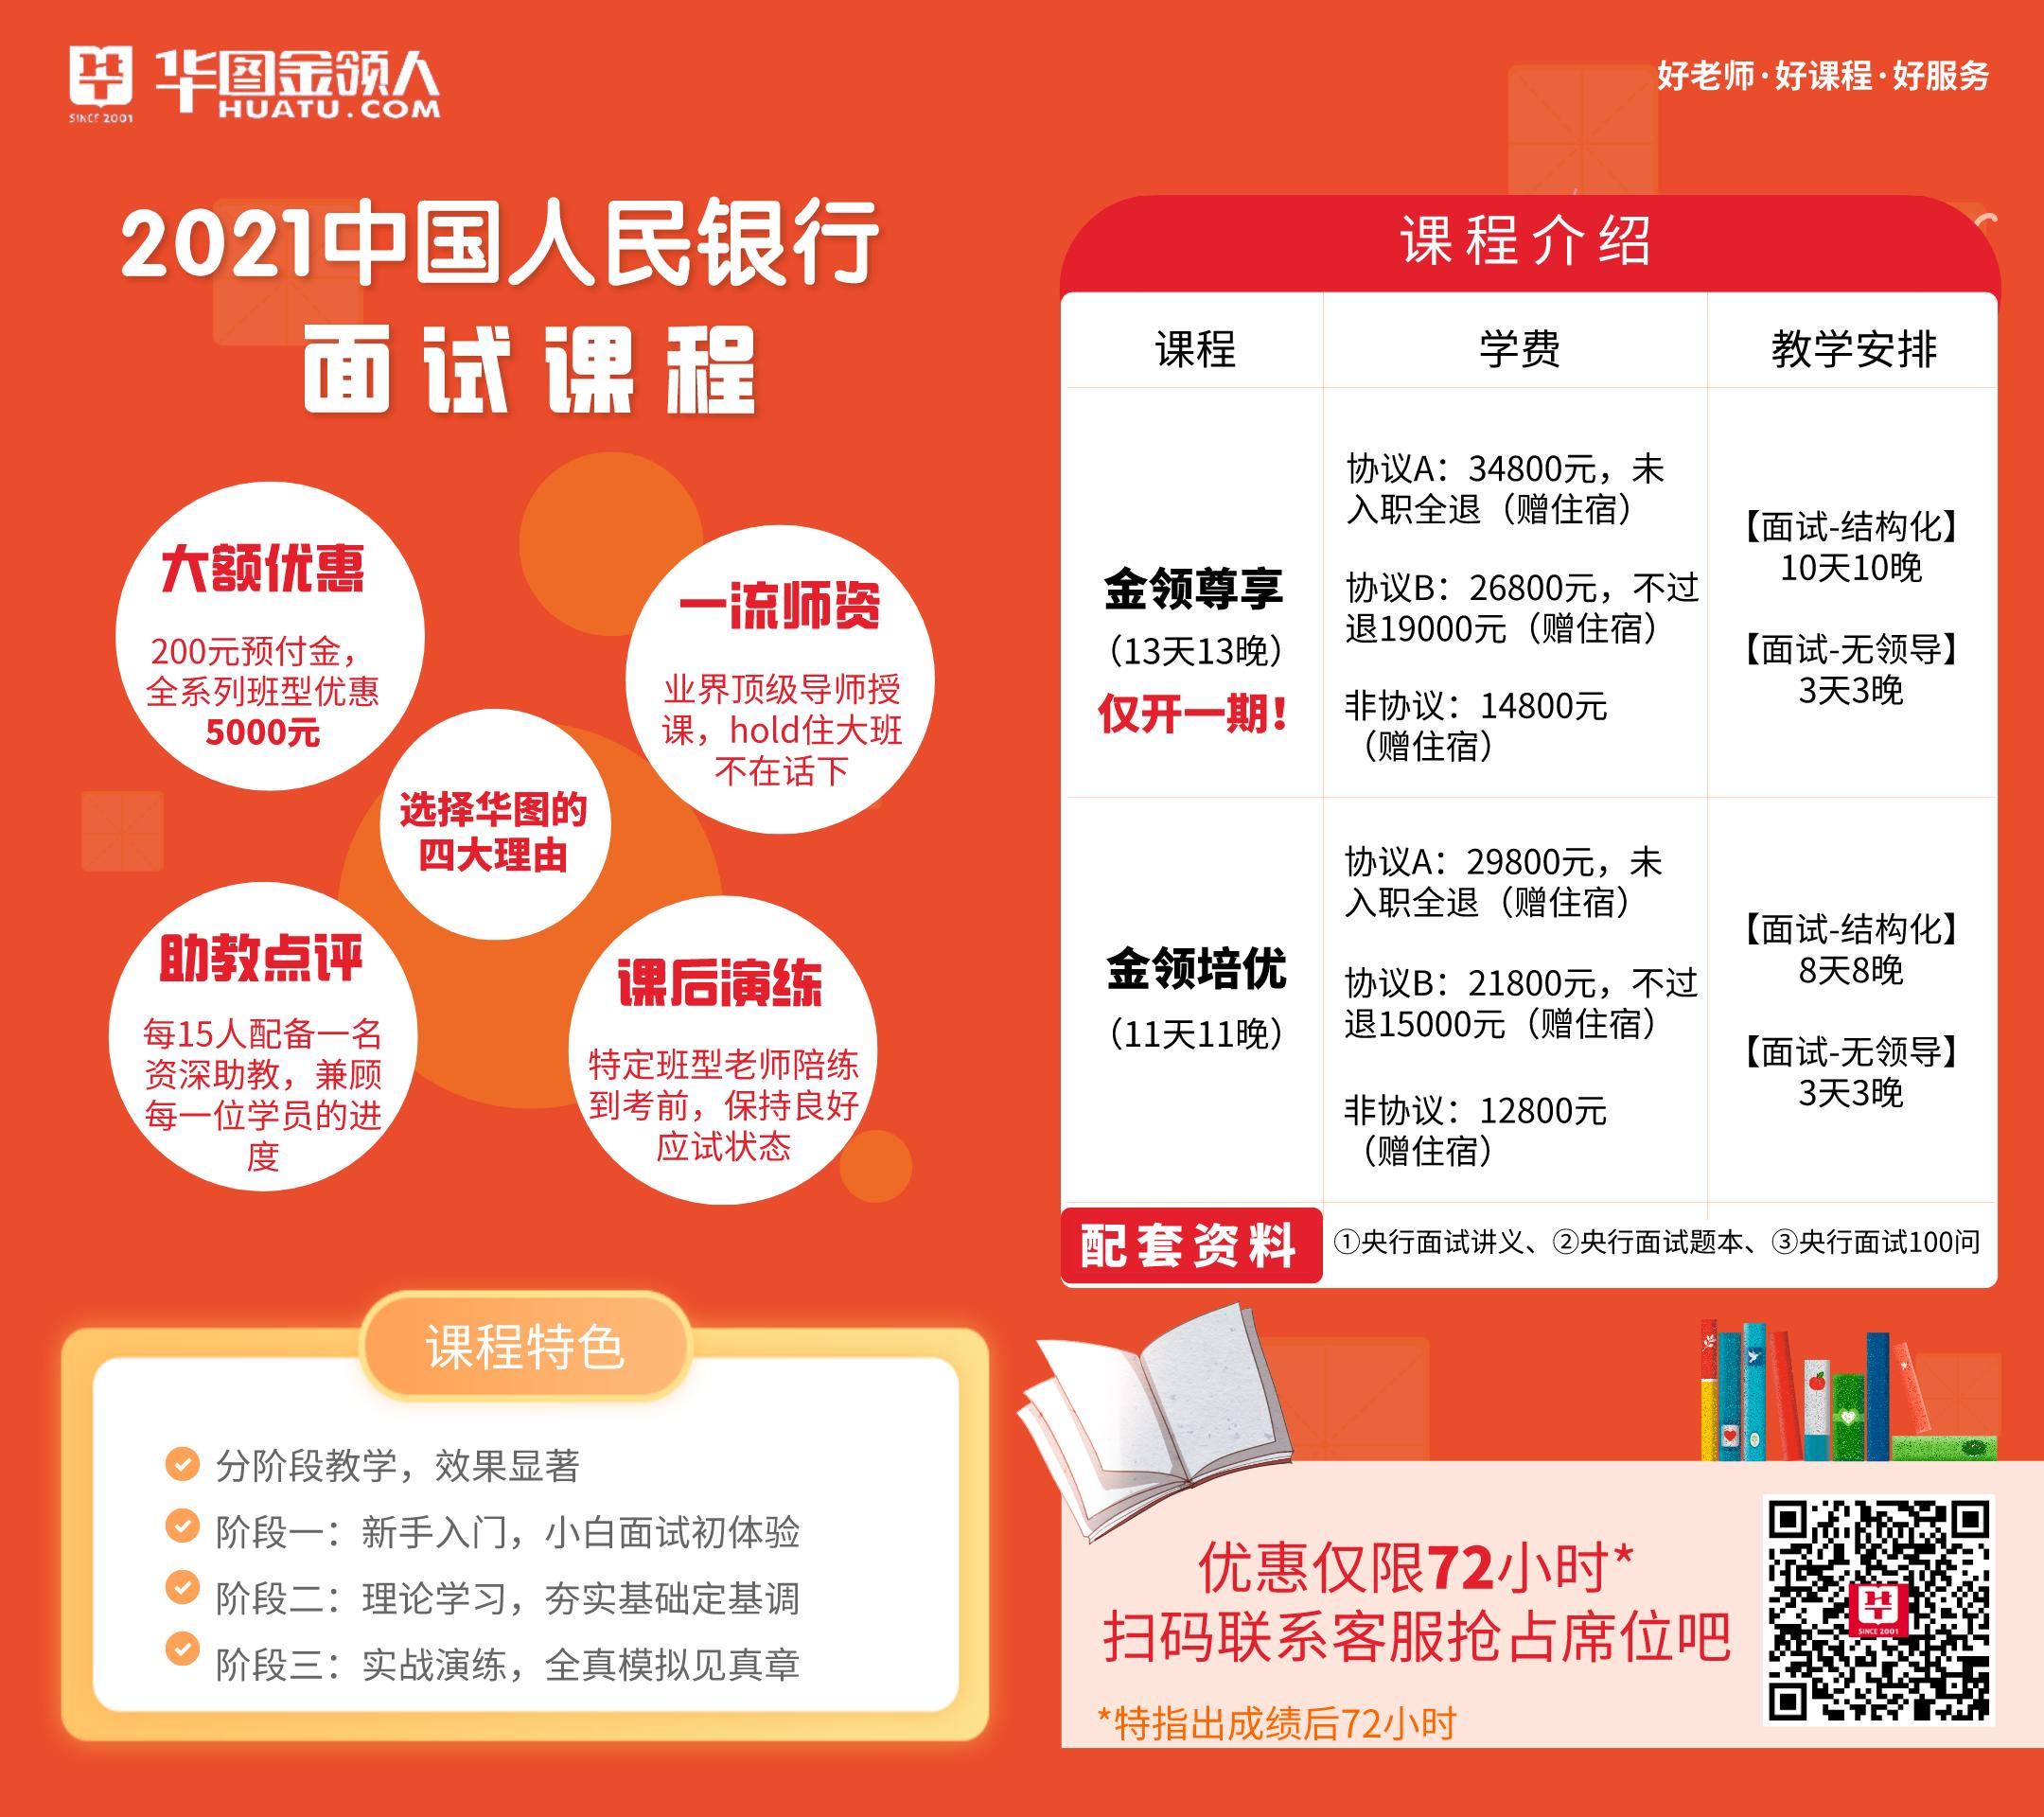 2021年人民�y行秋季校�@招聘成�查�入口(�_放中)